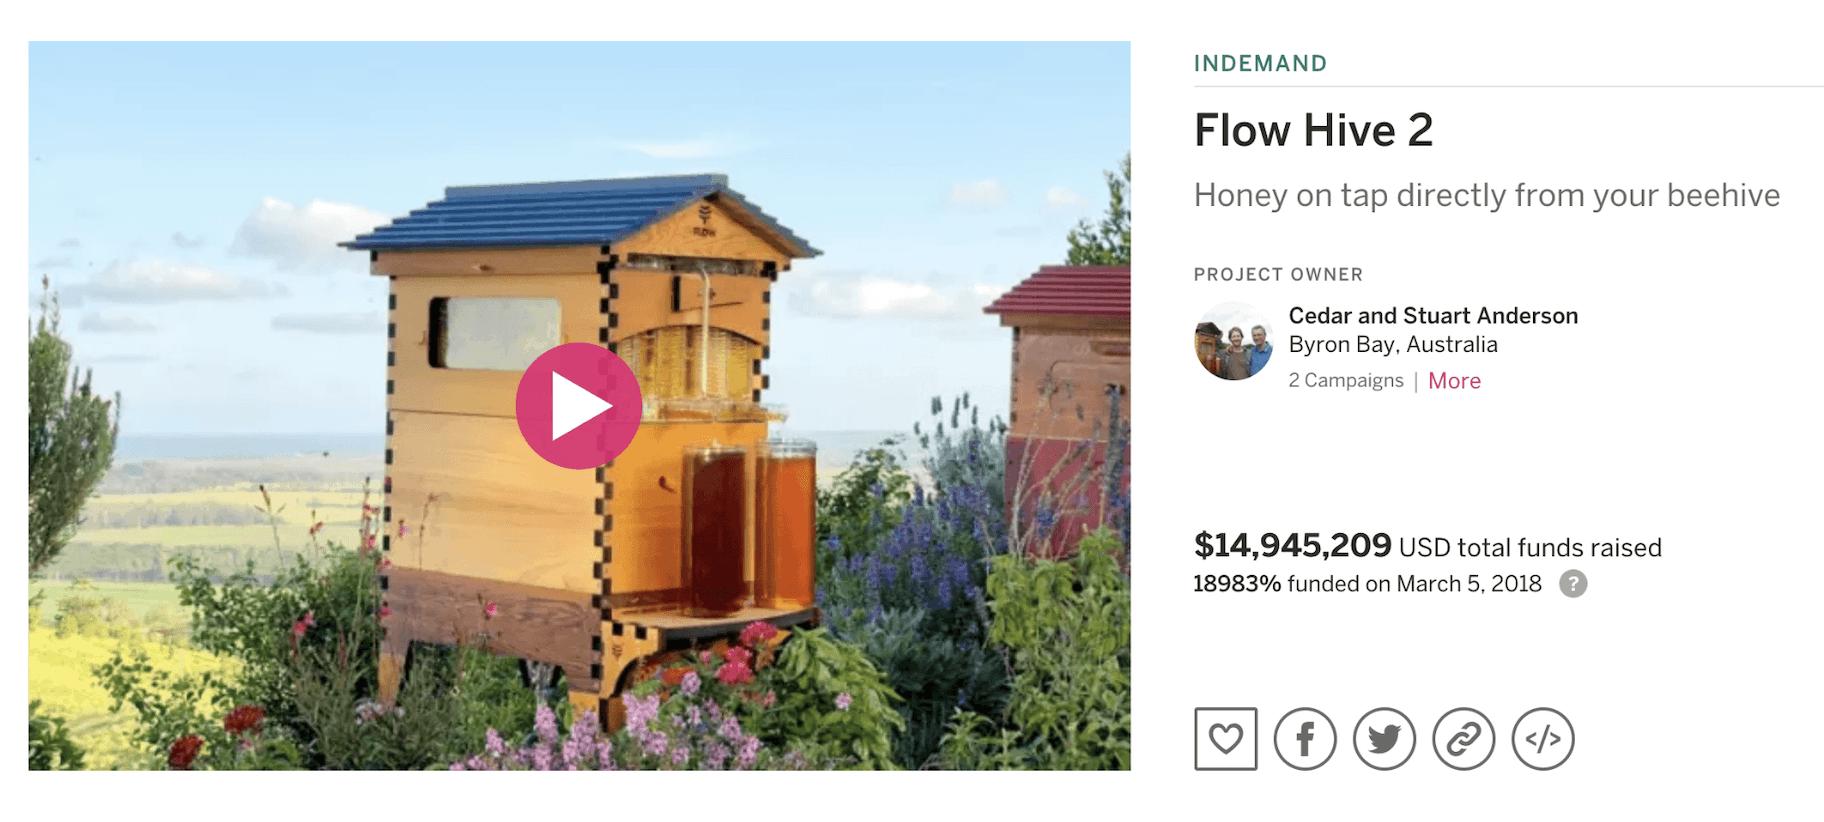 Flow Hive 2 Campaign